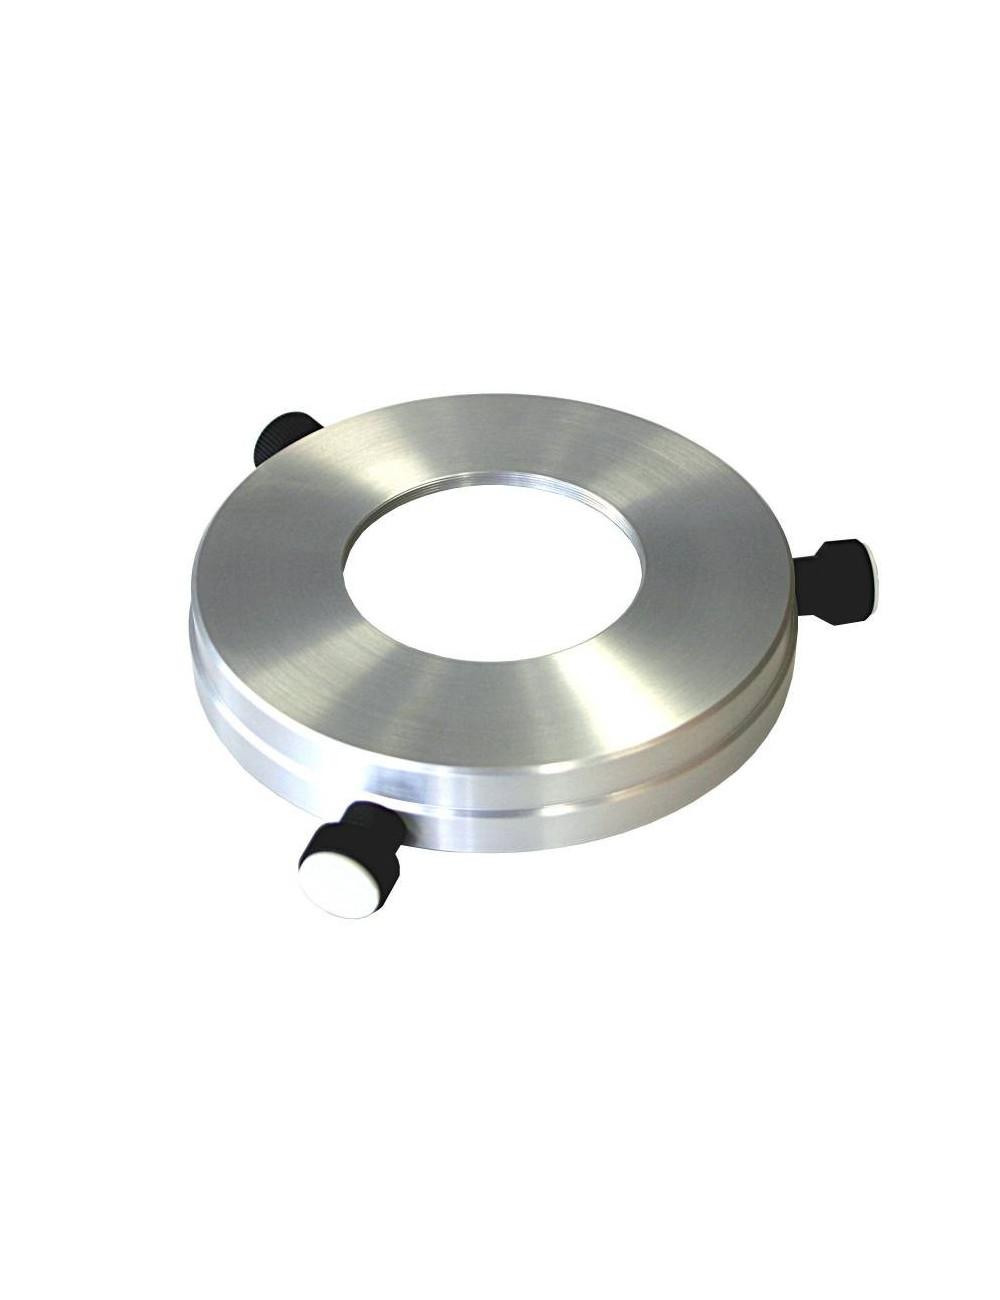 Adaptateur pour filtres solaires LUNT LS50/60FHa pour instrument avec un diamètre extérieur entre 181 et 200mm